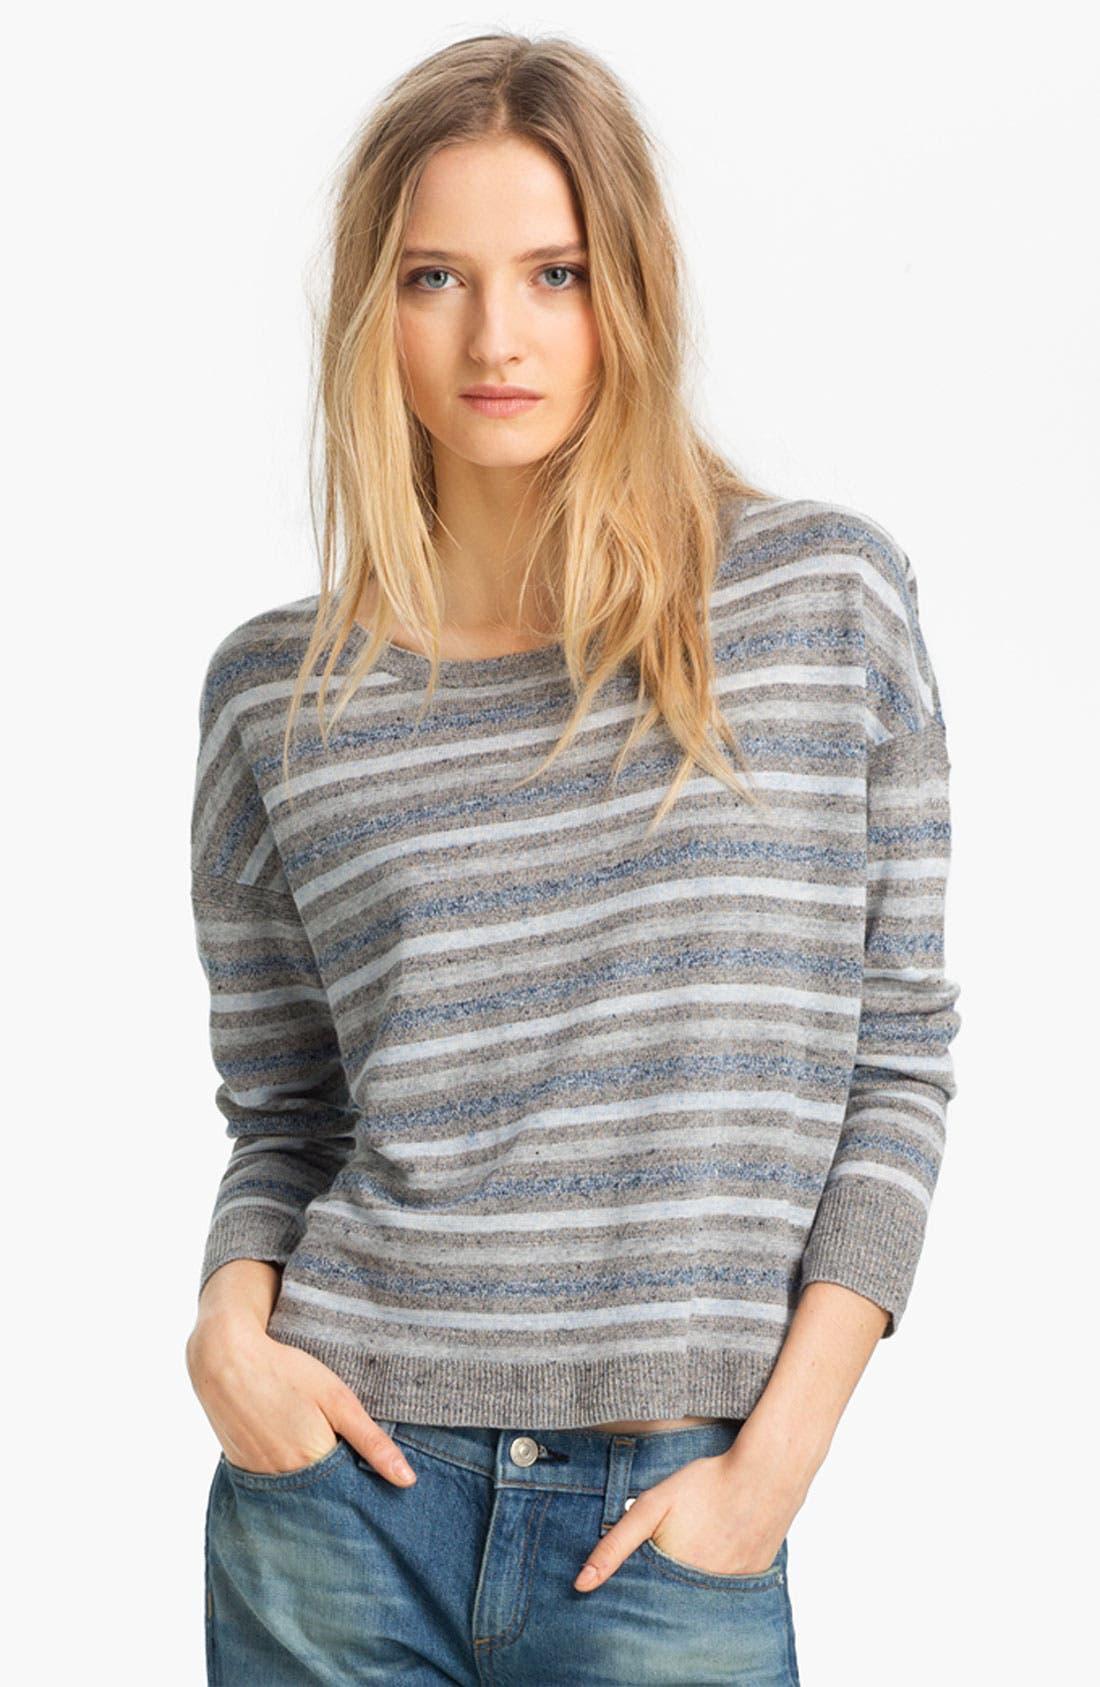 Alternate Image 1 Selected - rag & bone 'Sierra' Linen Pullover